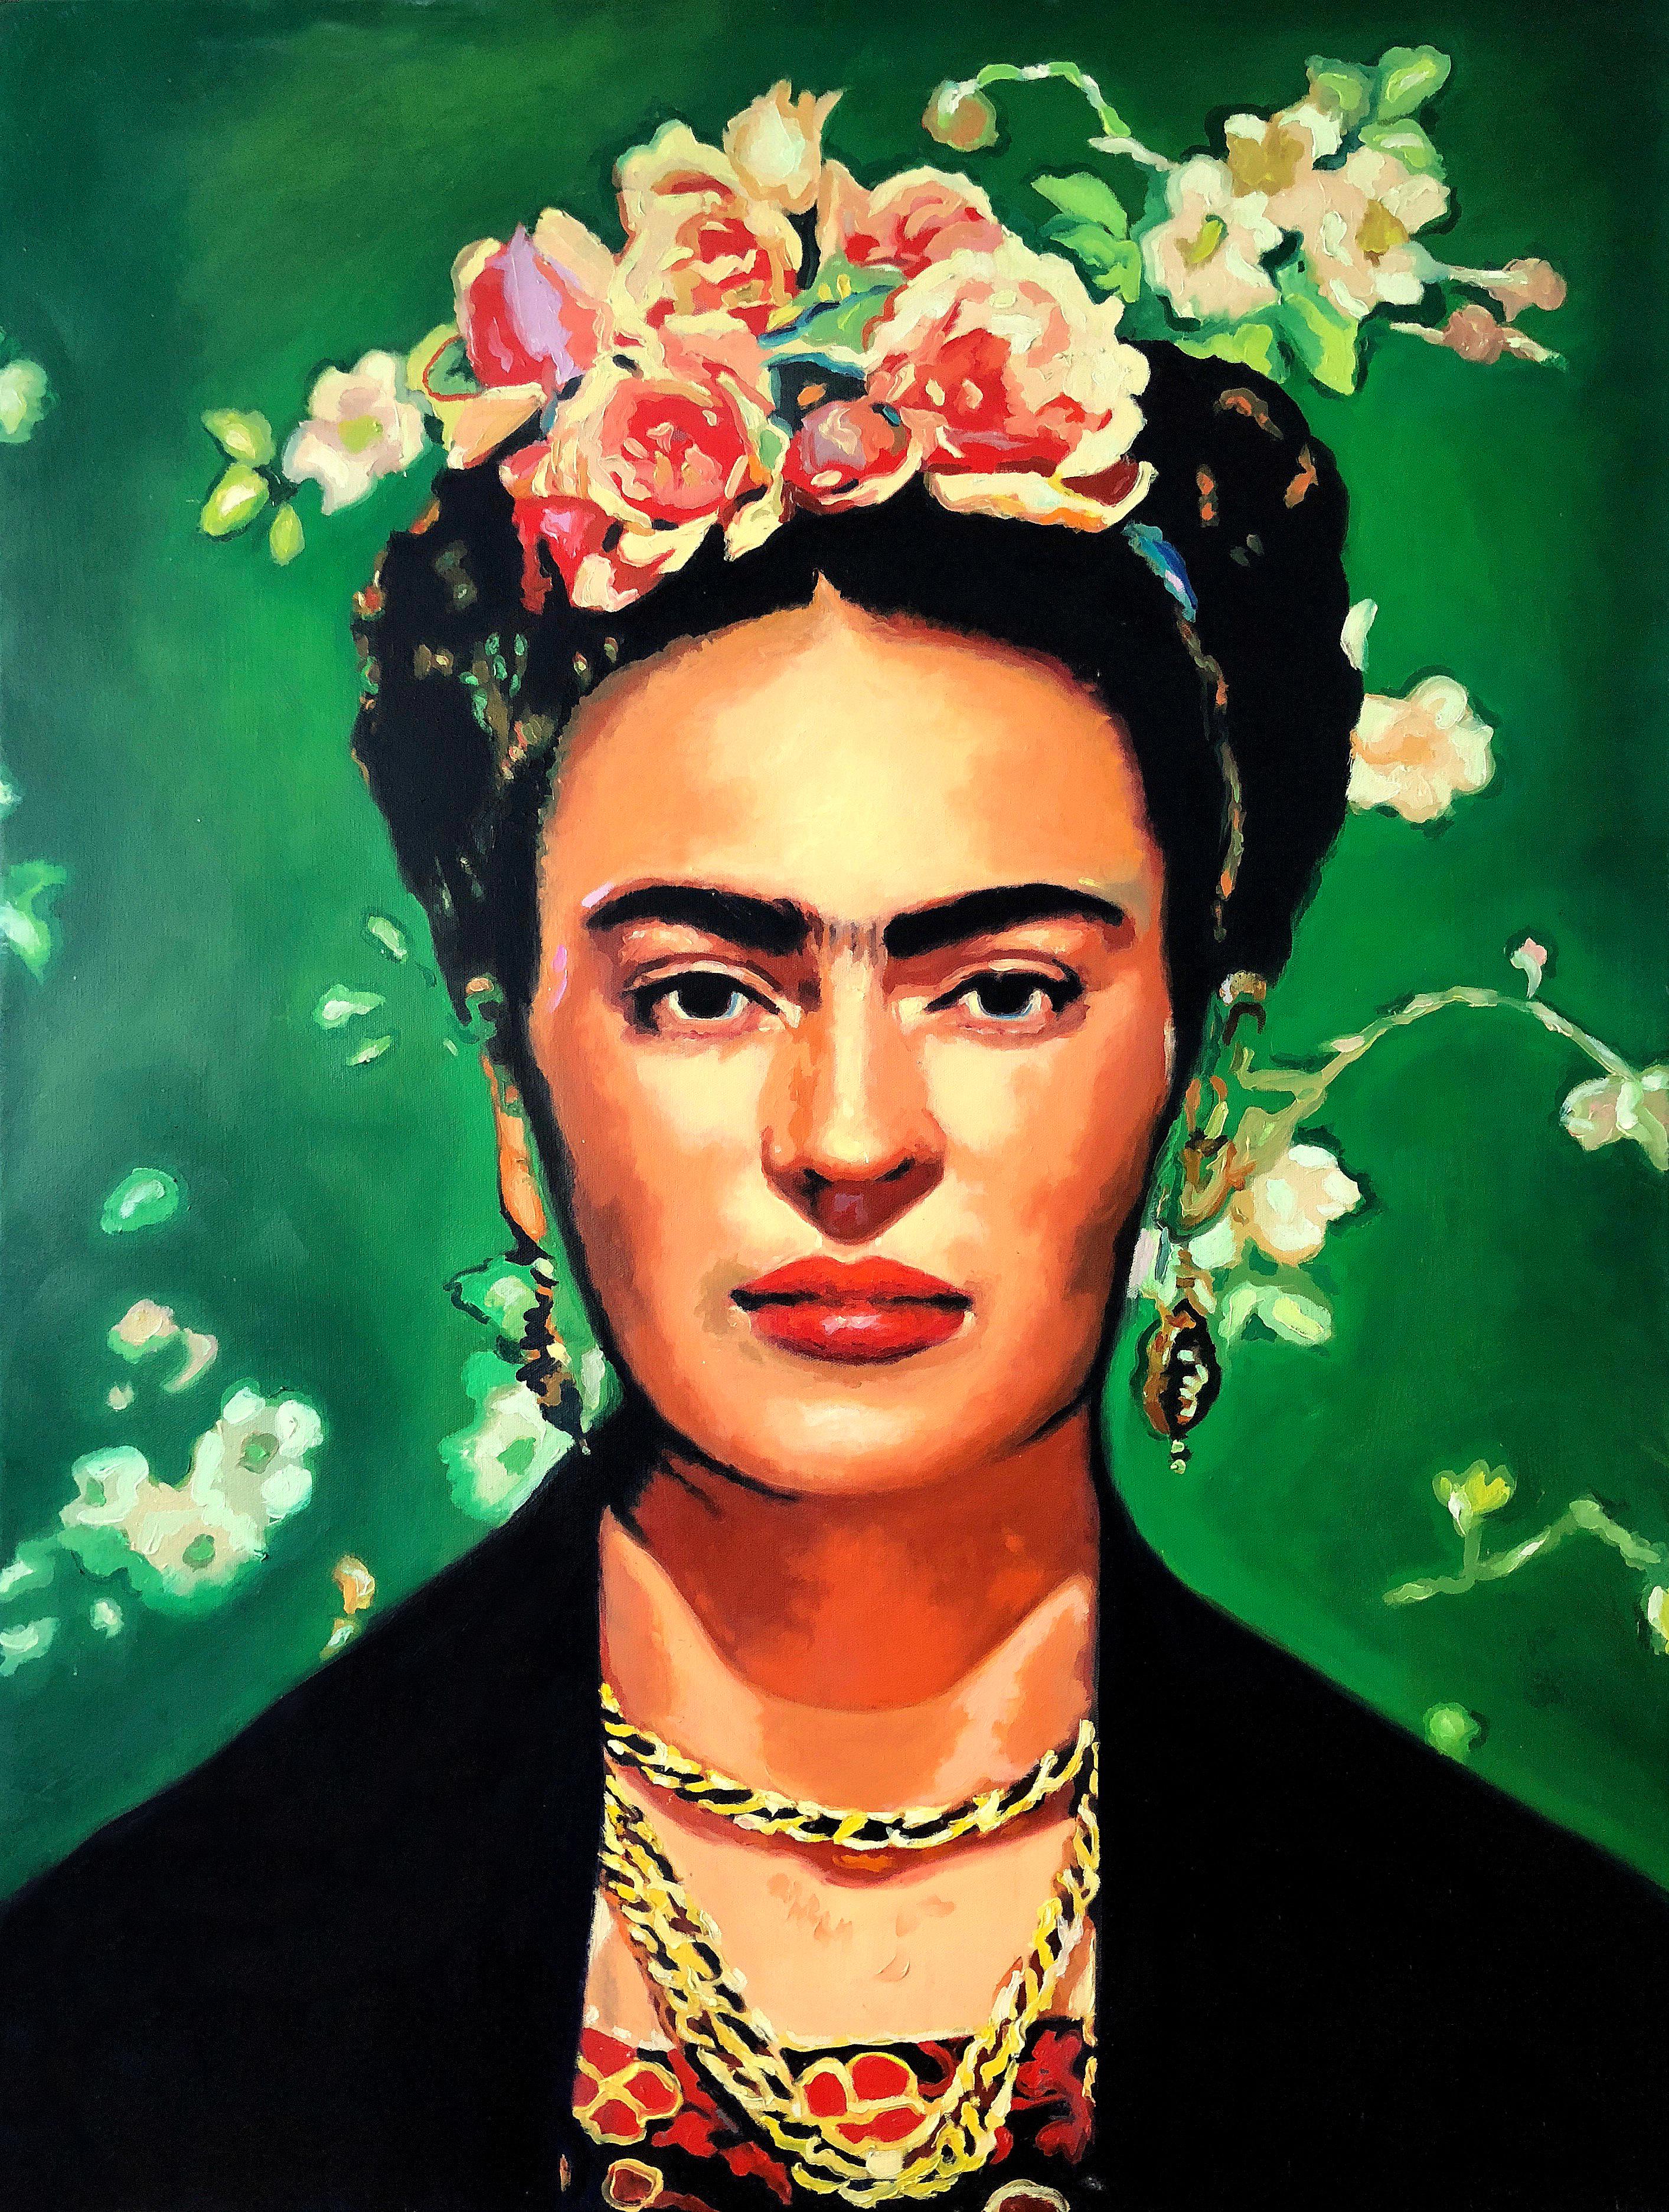 Frida_Kahlo_Öl_auf_Leinen_80_x_100_cm